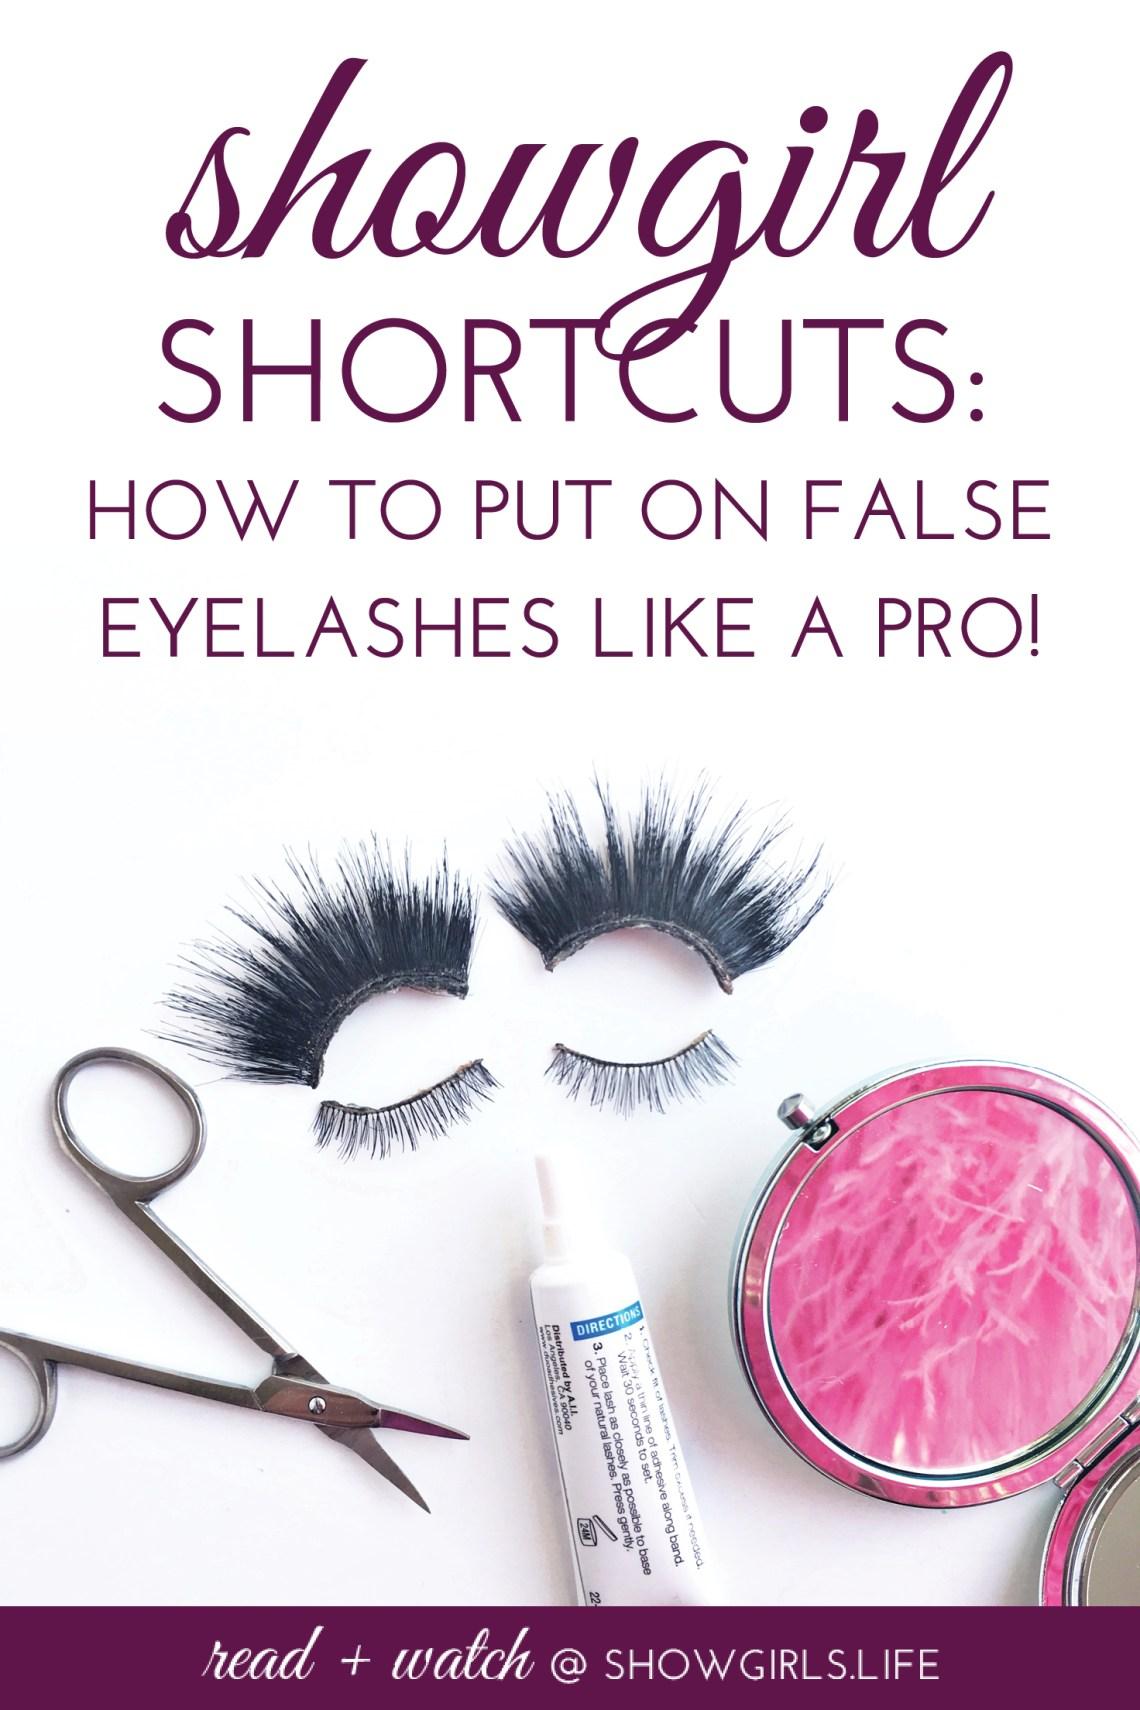 Showgirls.Life – Showgirl Shortcuts: How to Put on False Eyelashes Like a Pro!